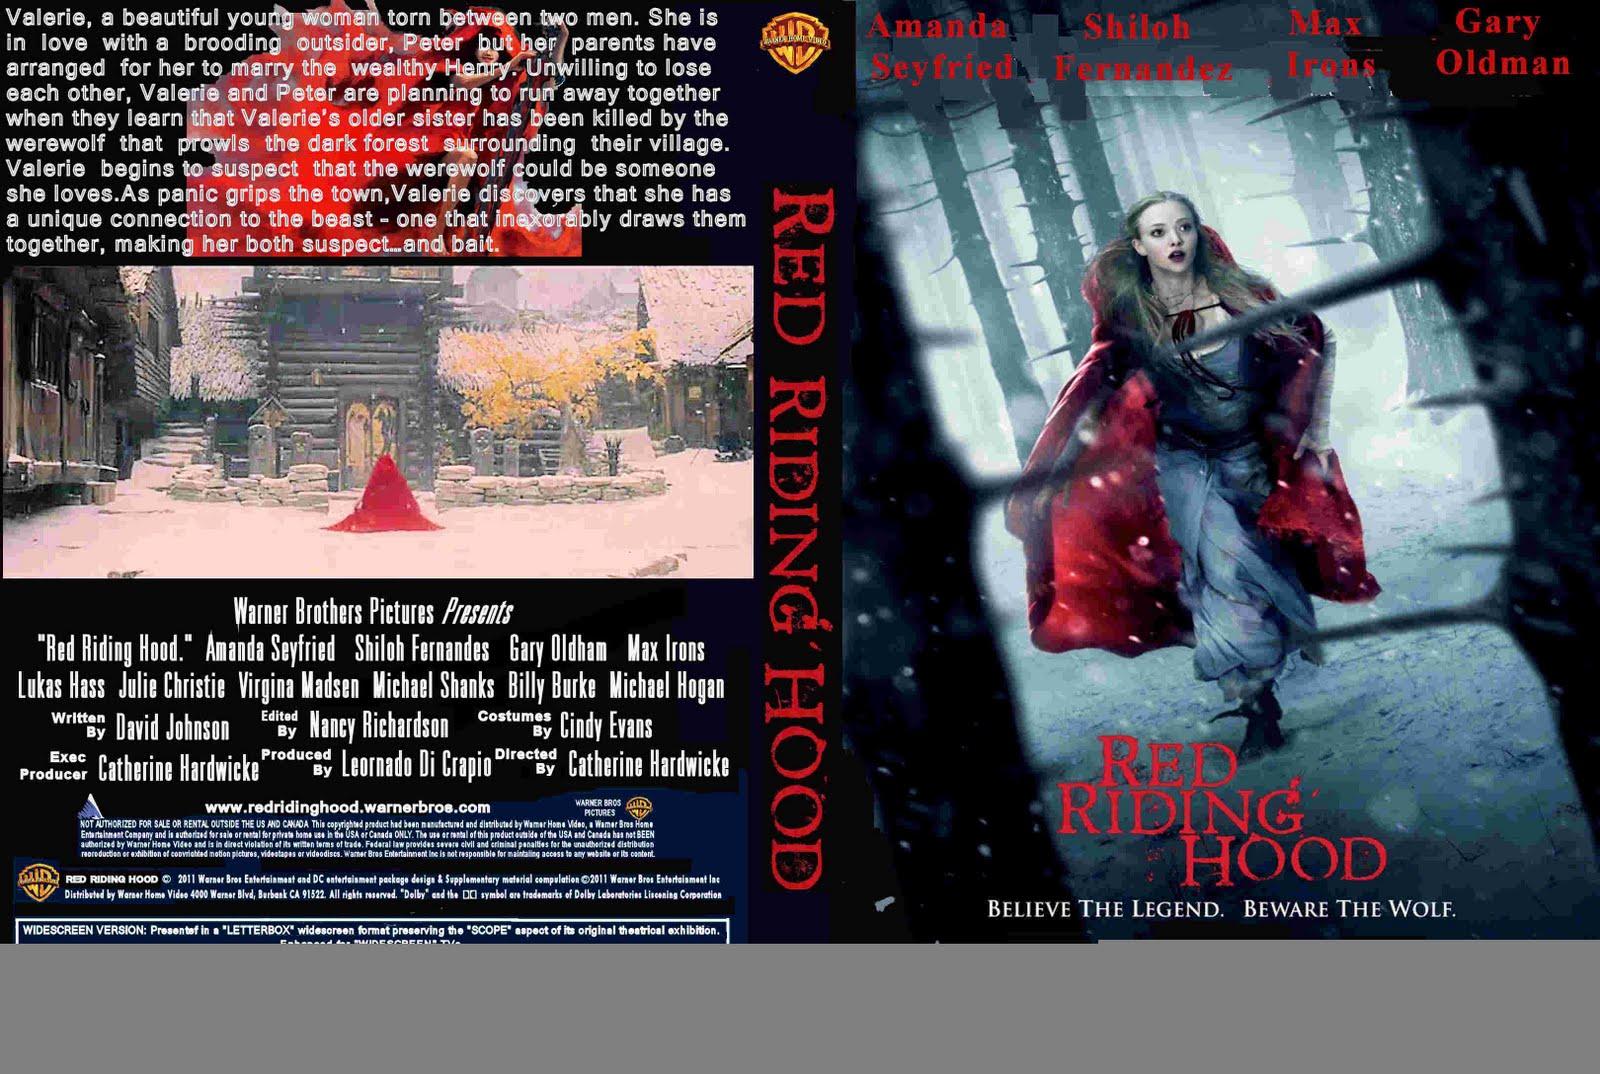 http://2.bp.blogspot.com/-bGwDMQjKLoA/Tf1QvZ2luKI/AAAAAAAAAAQ/KP4bUo5S6YI/s1600/904Red_Riding_Hood_.jpg